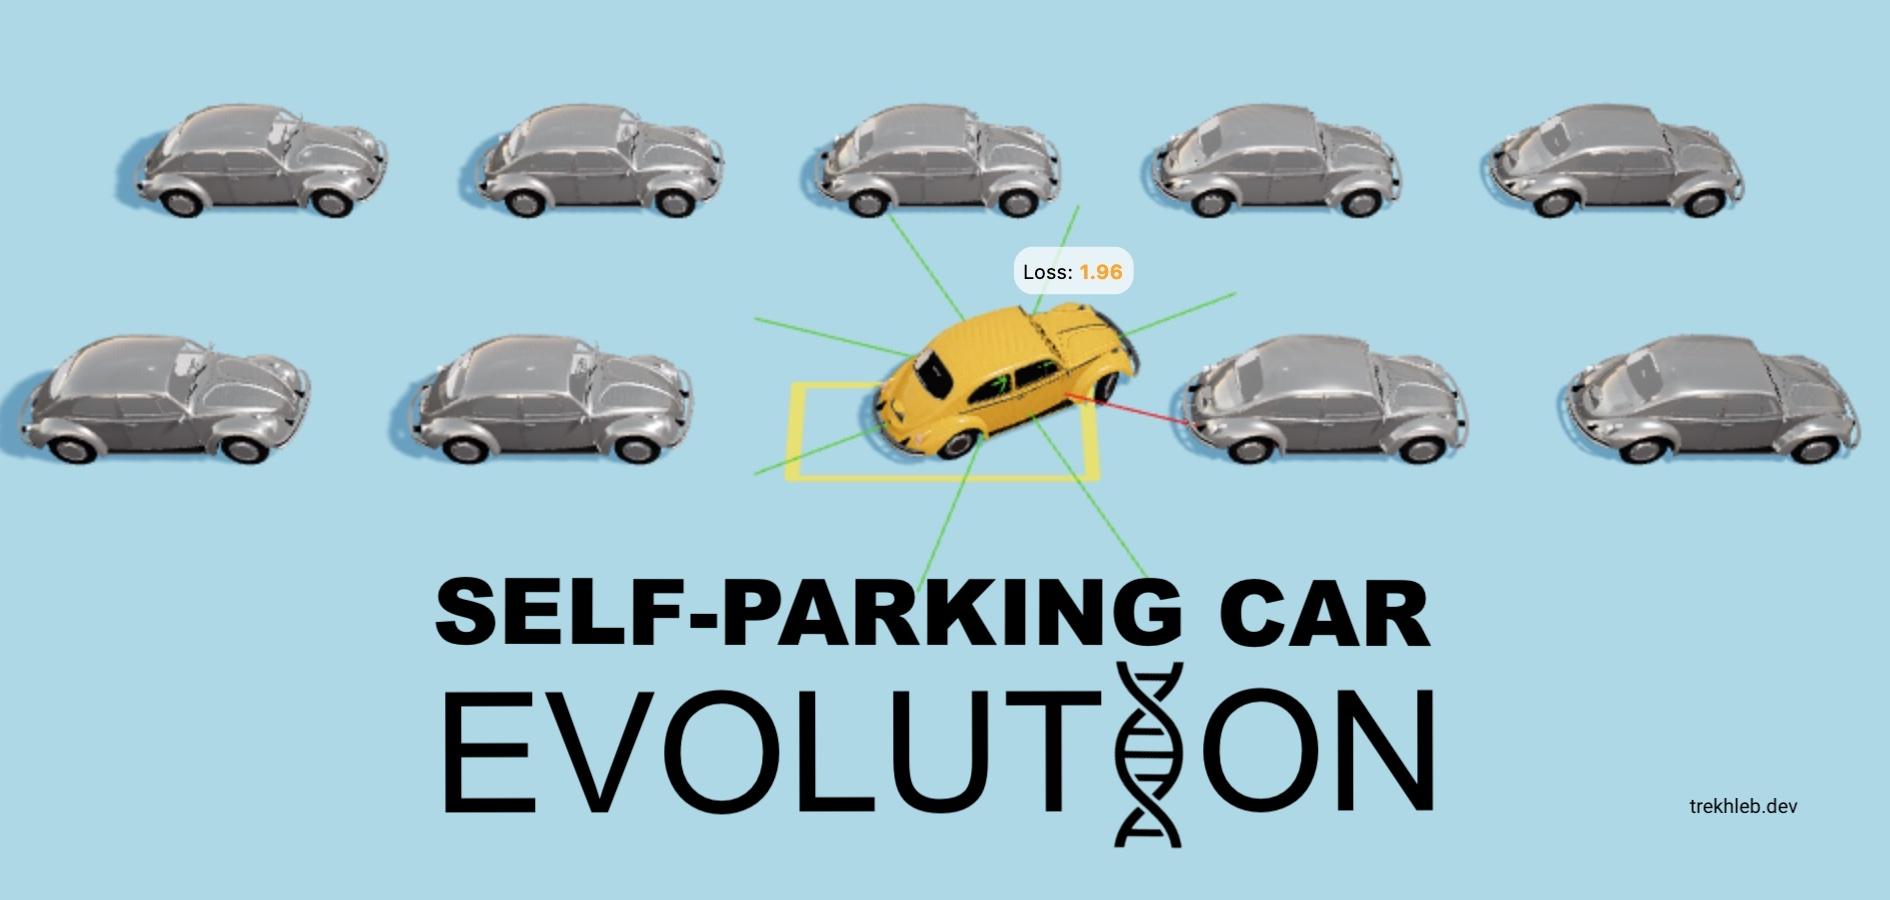 Self-Parking Car Evolution